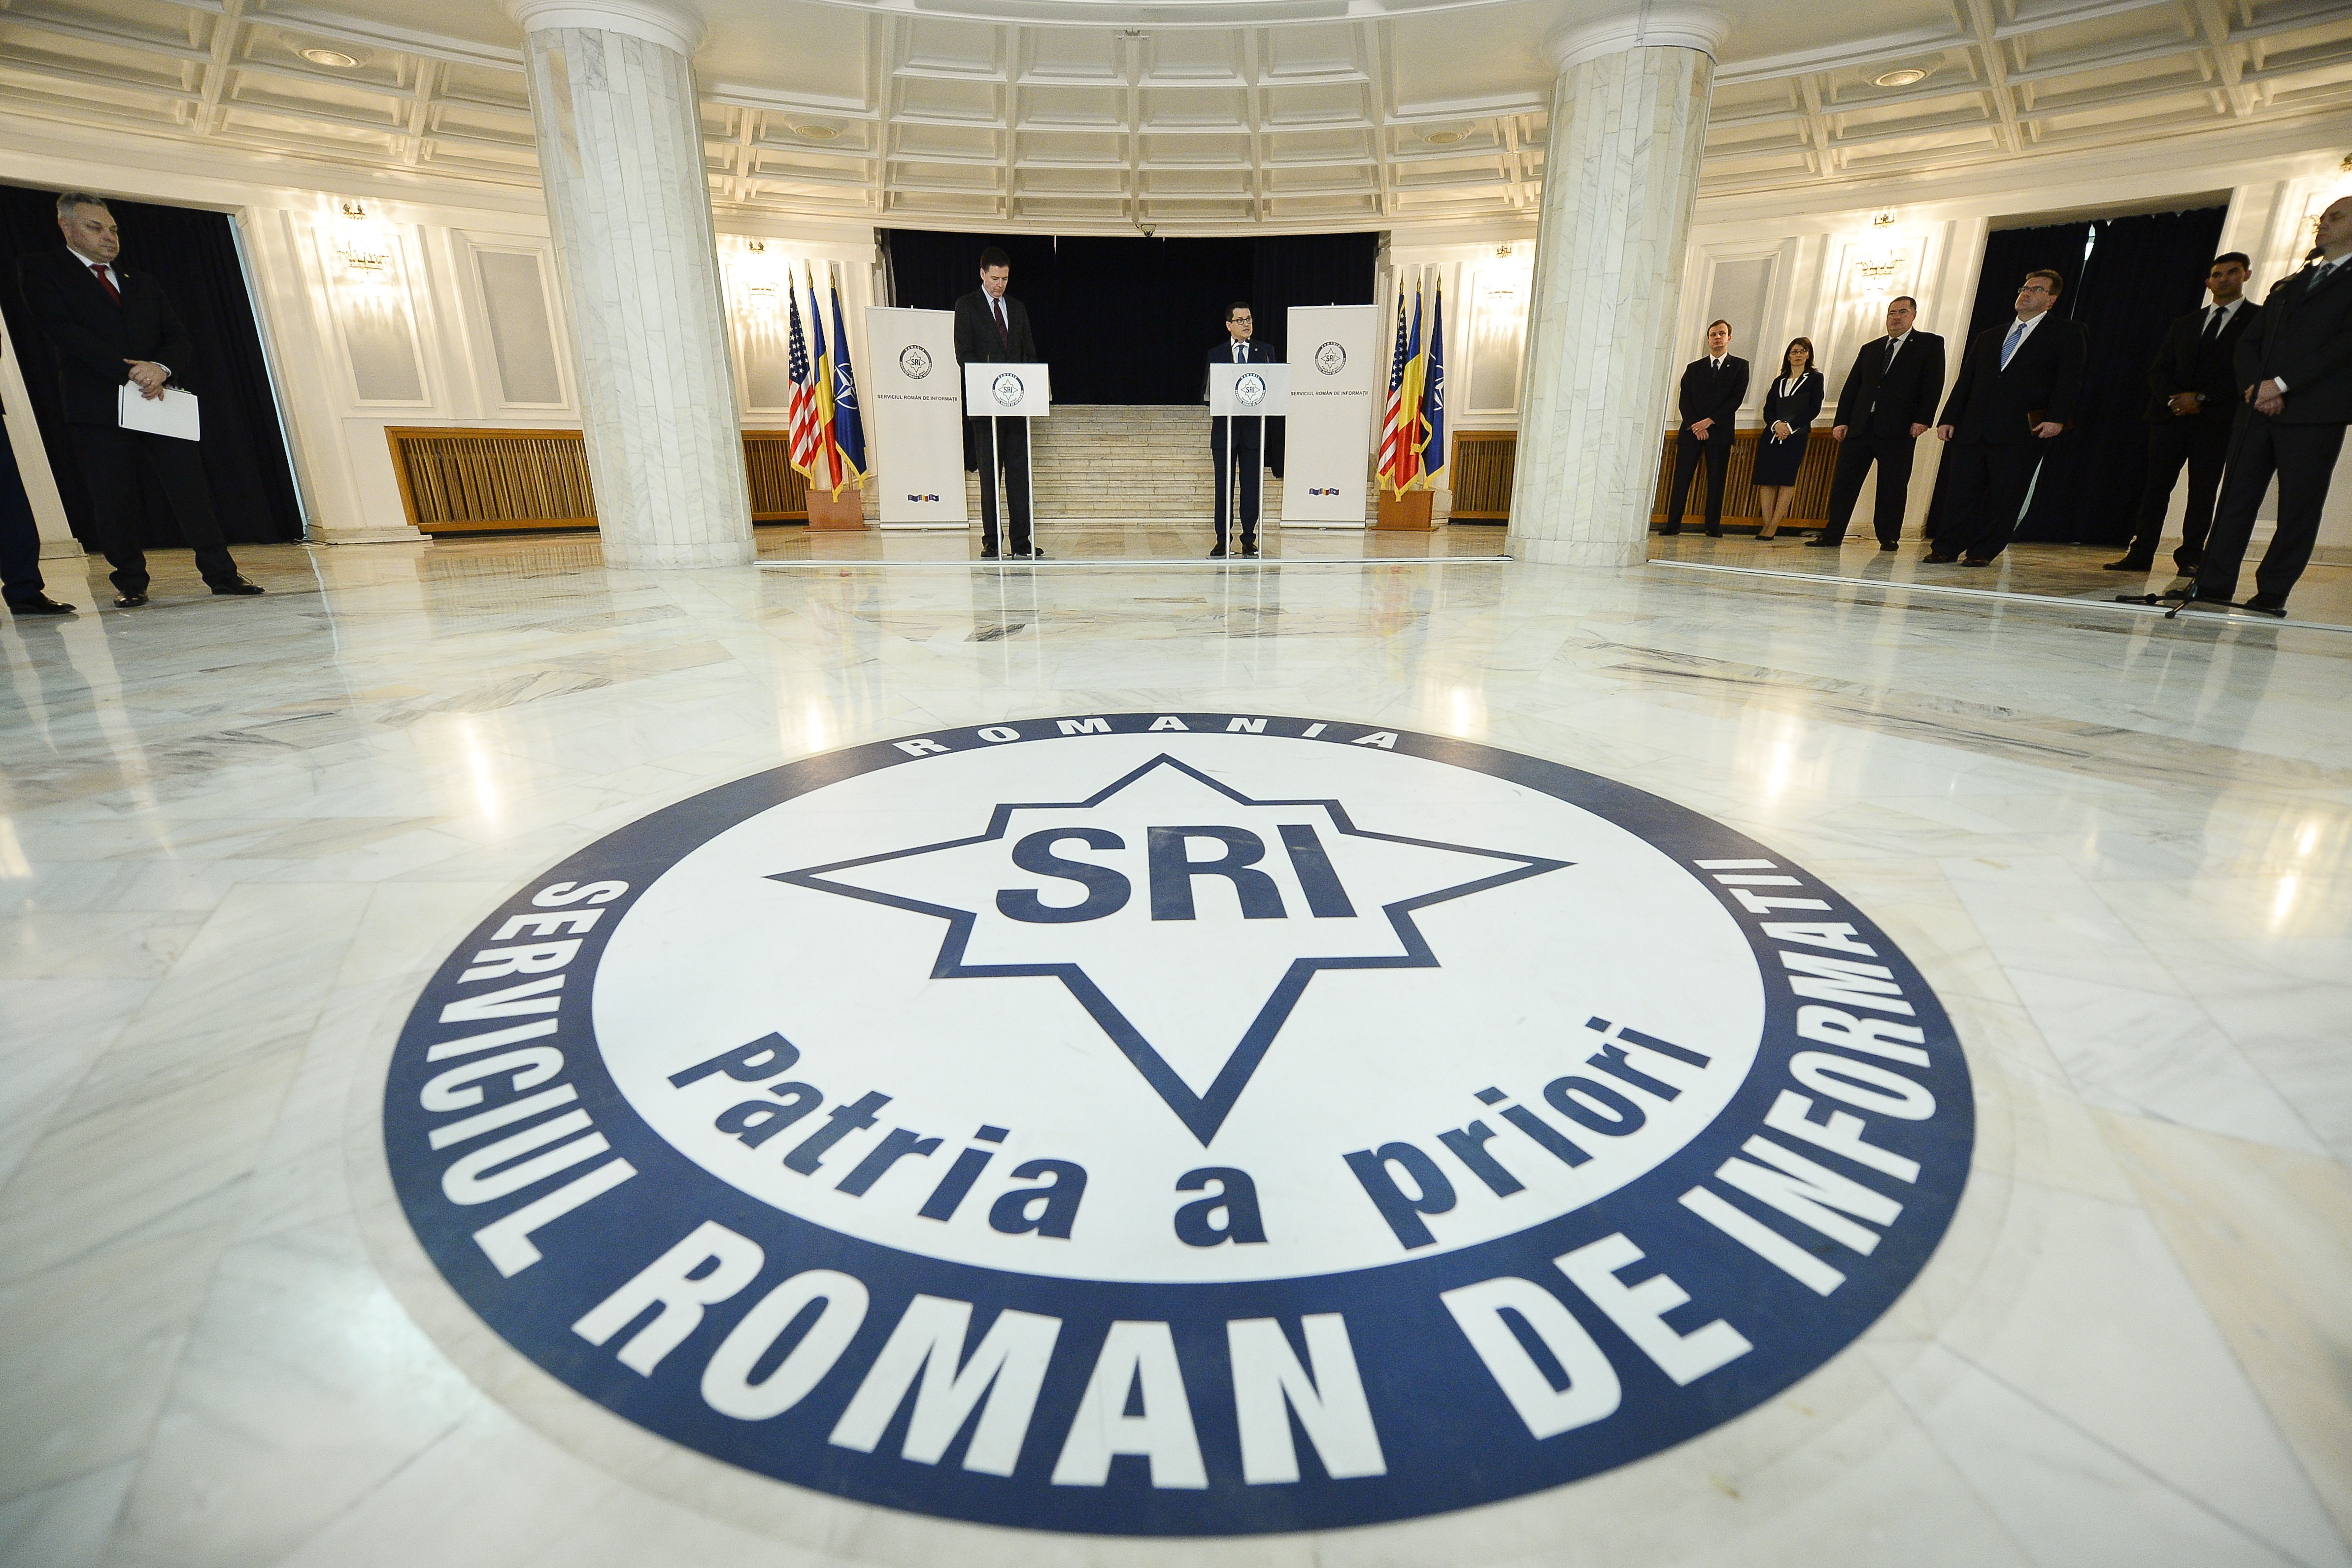 SRI cere Comisiei de Control date concrete după audierea fostului colonel Daniel Dragomir pentru o anchetă internă